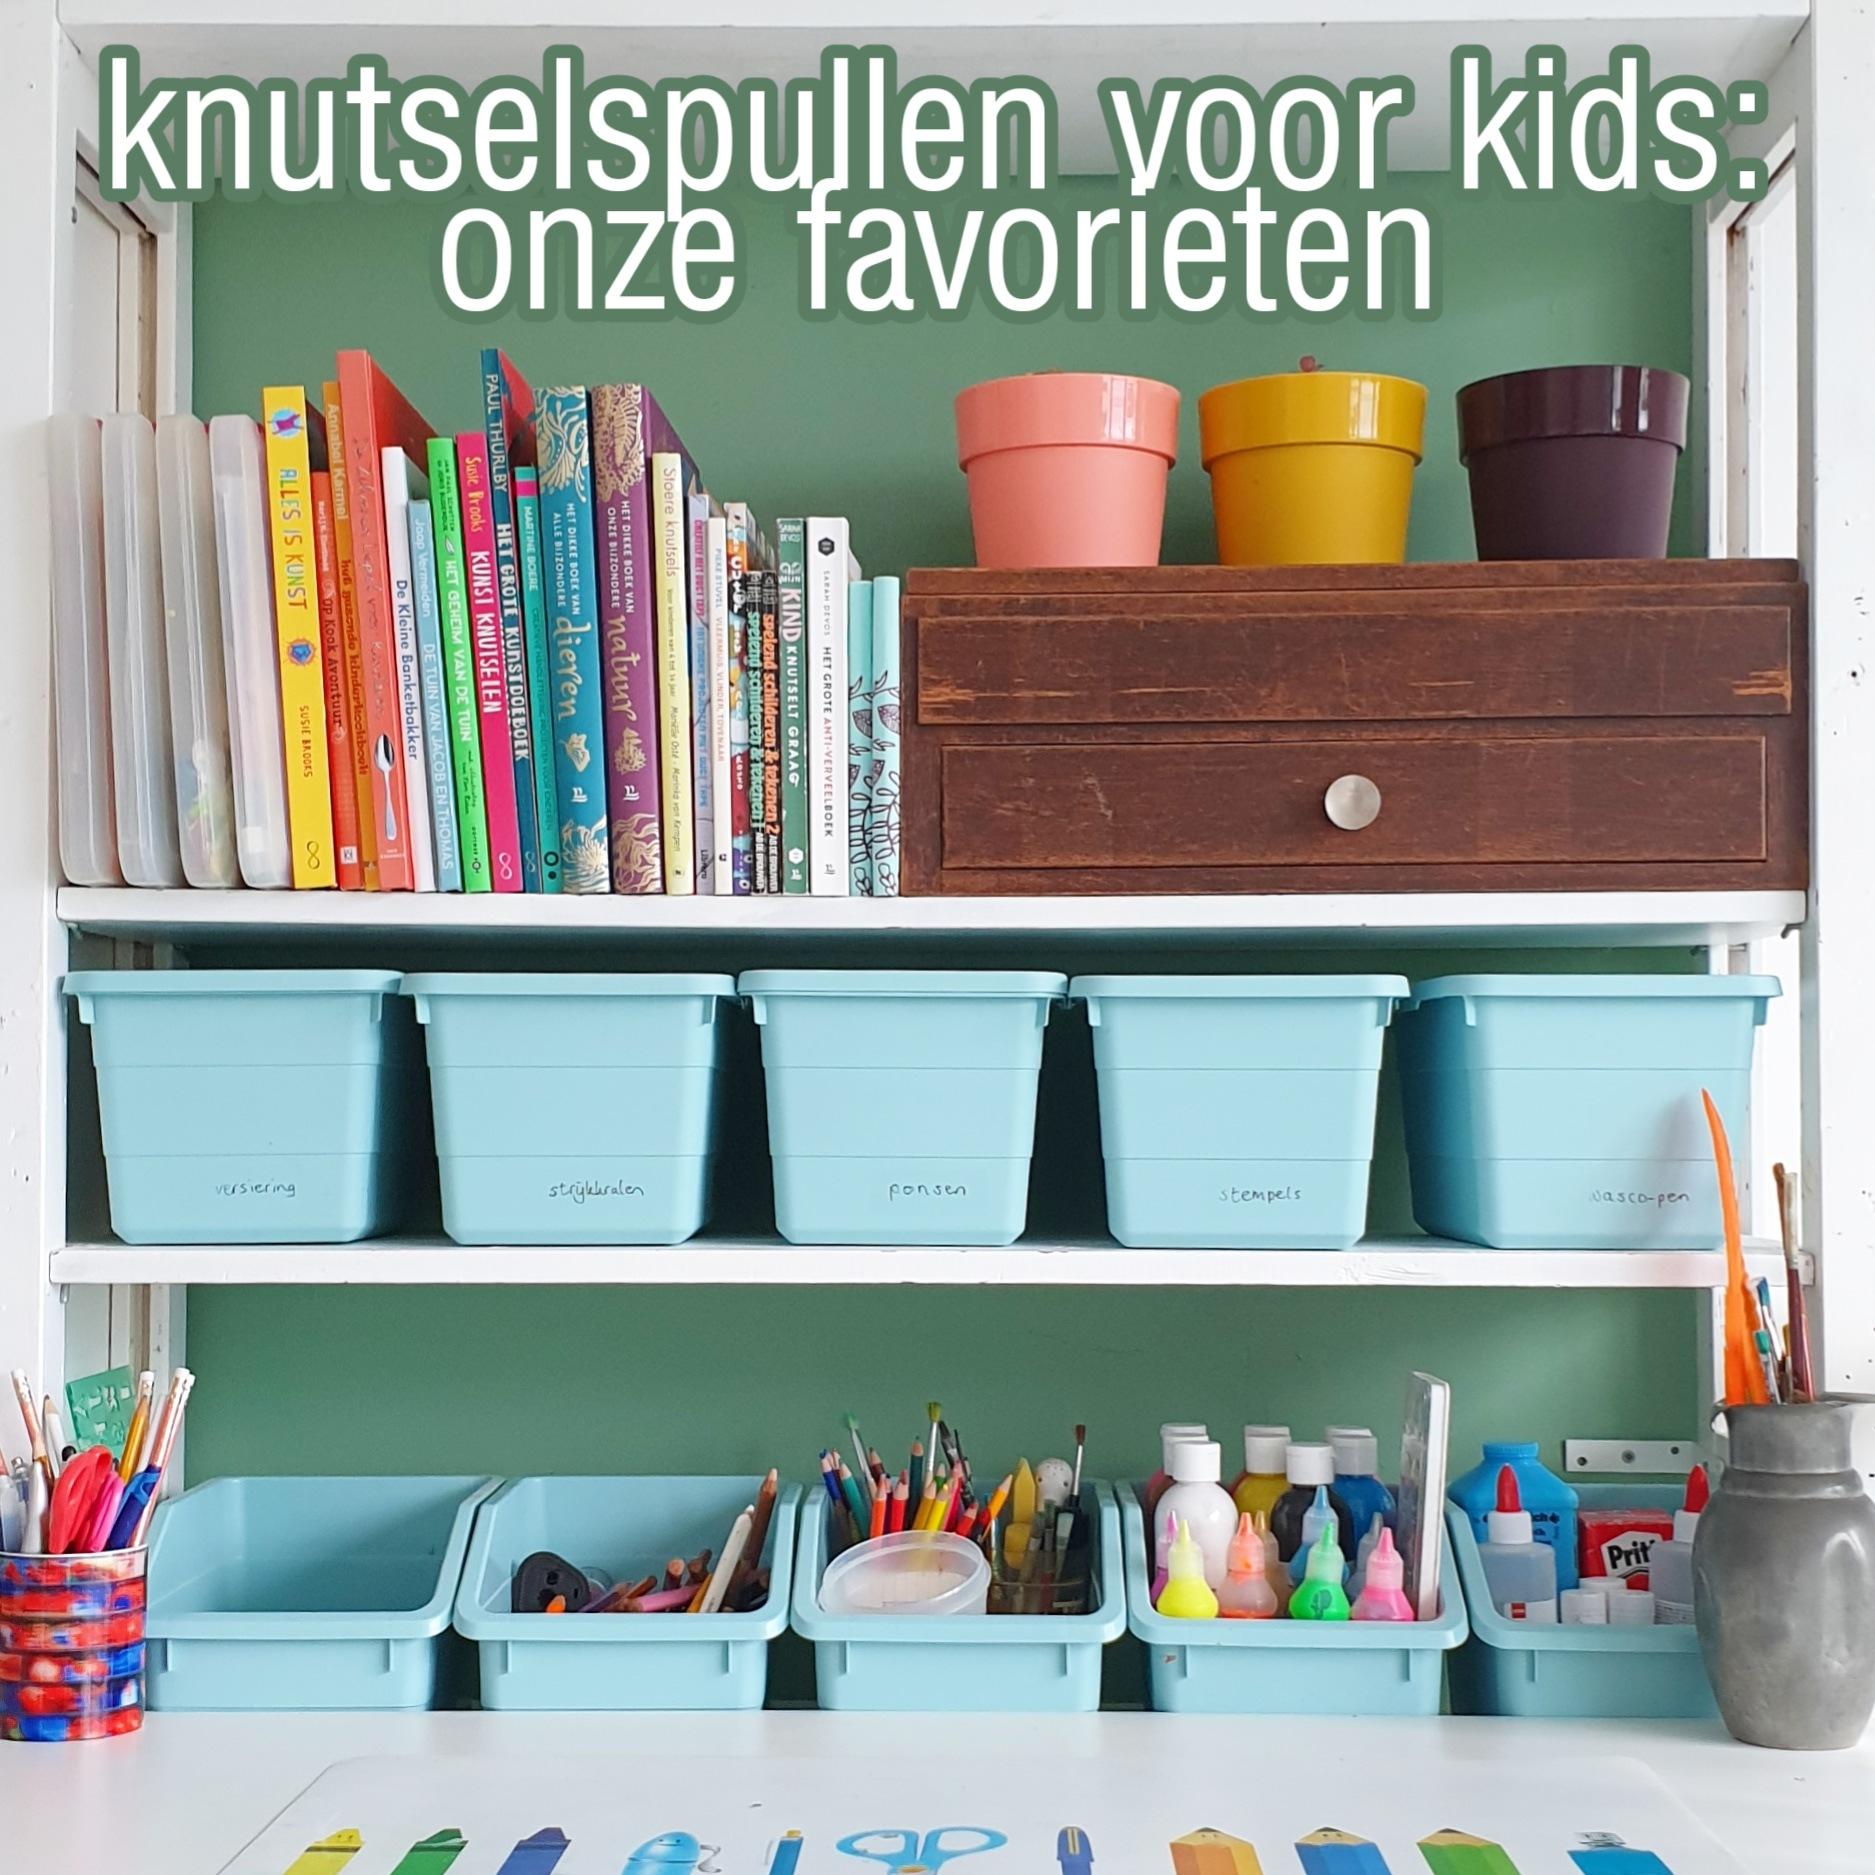 Welke knutselspullen zijn leuk voor kinderen? Dit zijn onze favorieten